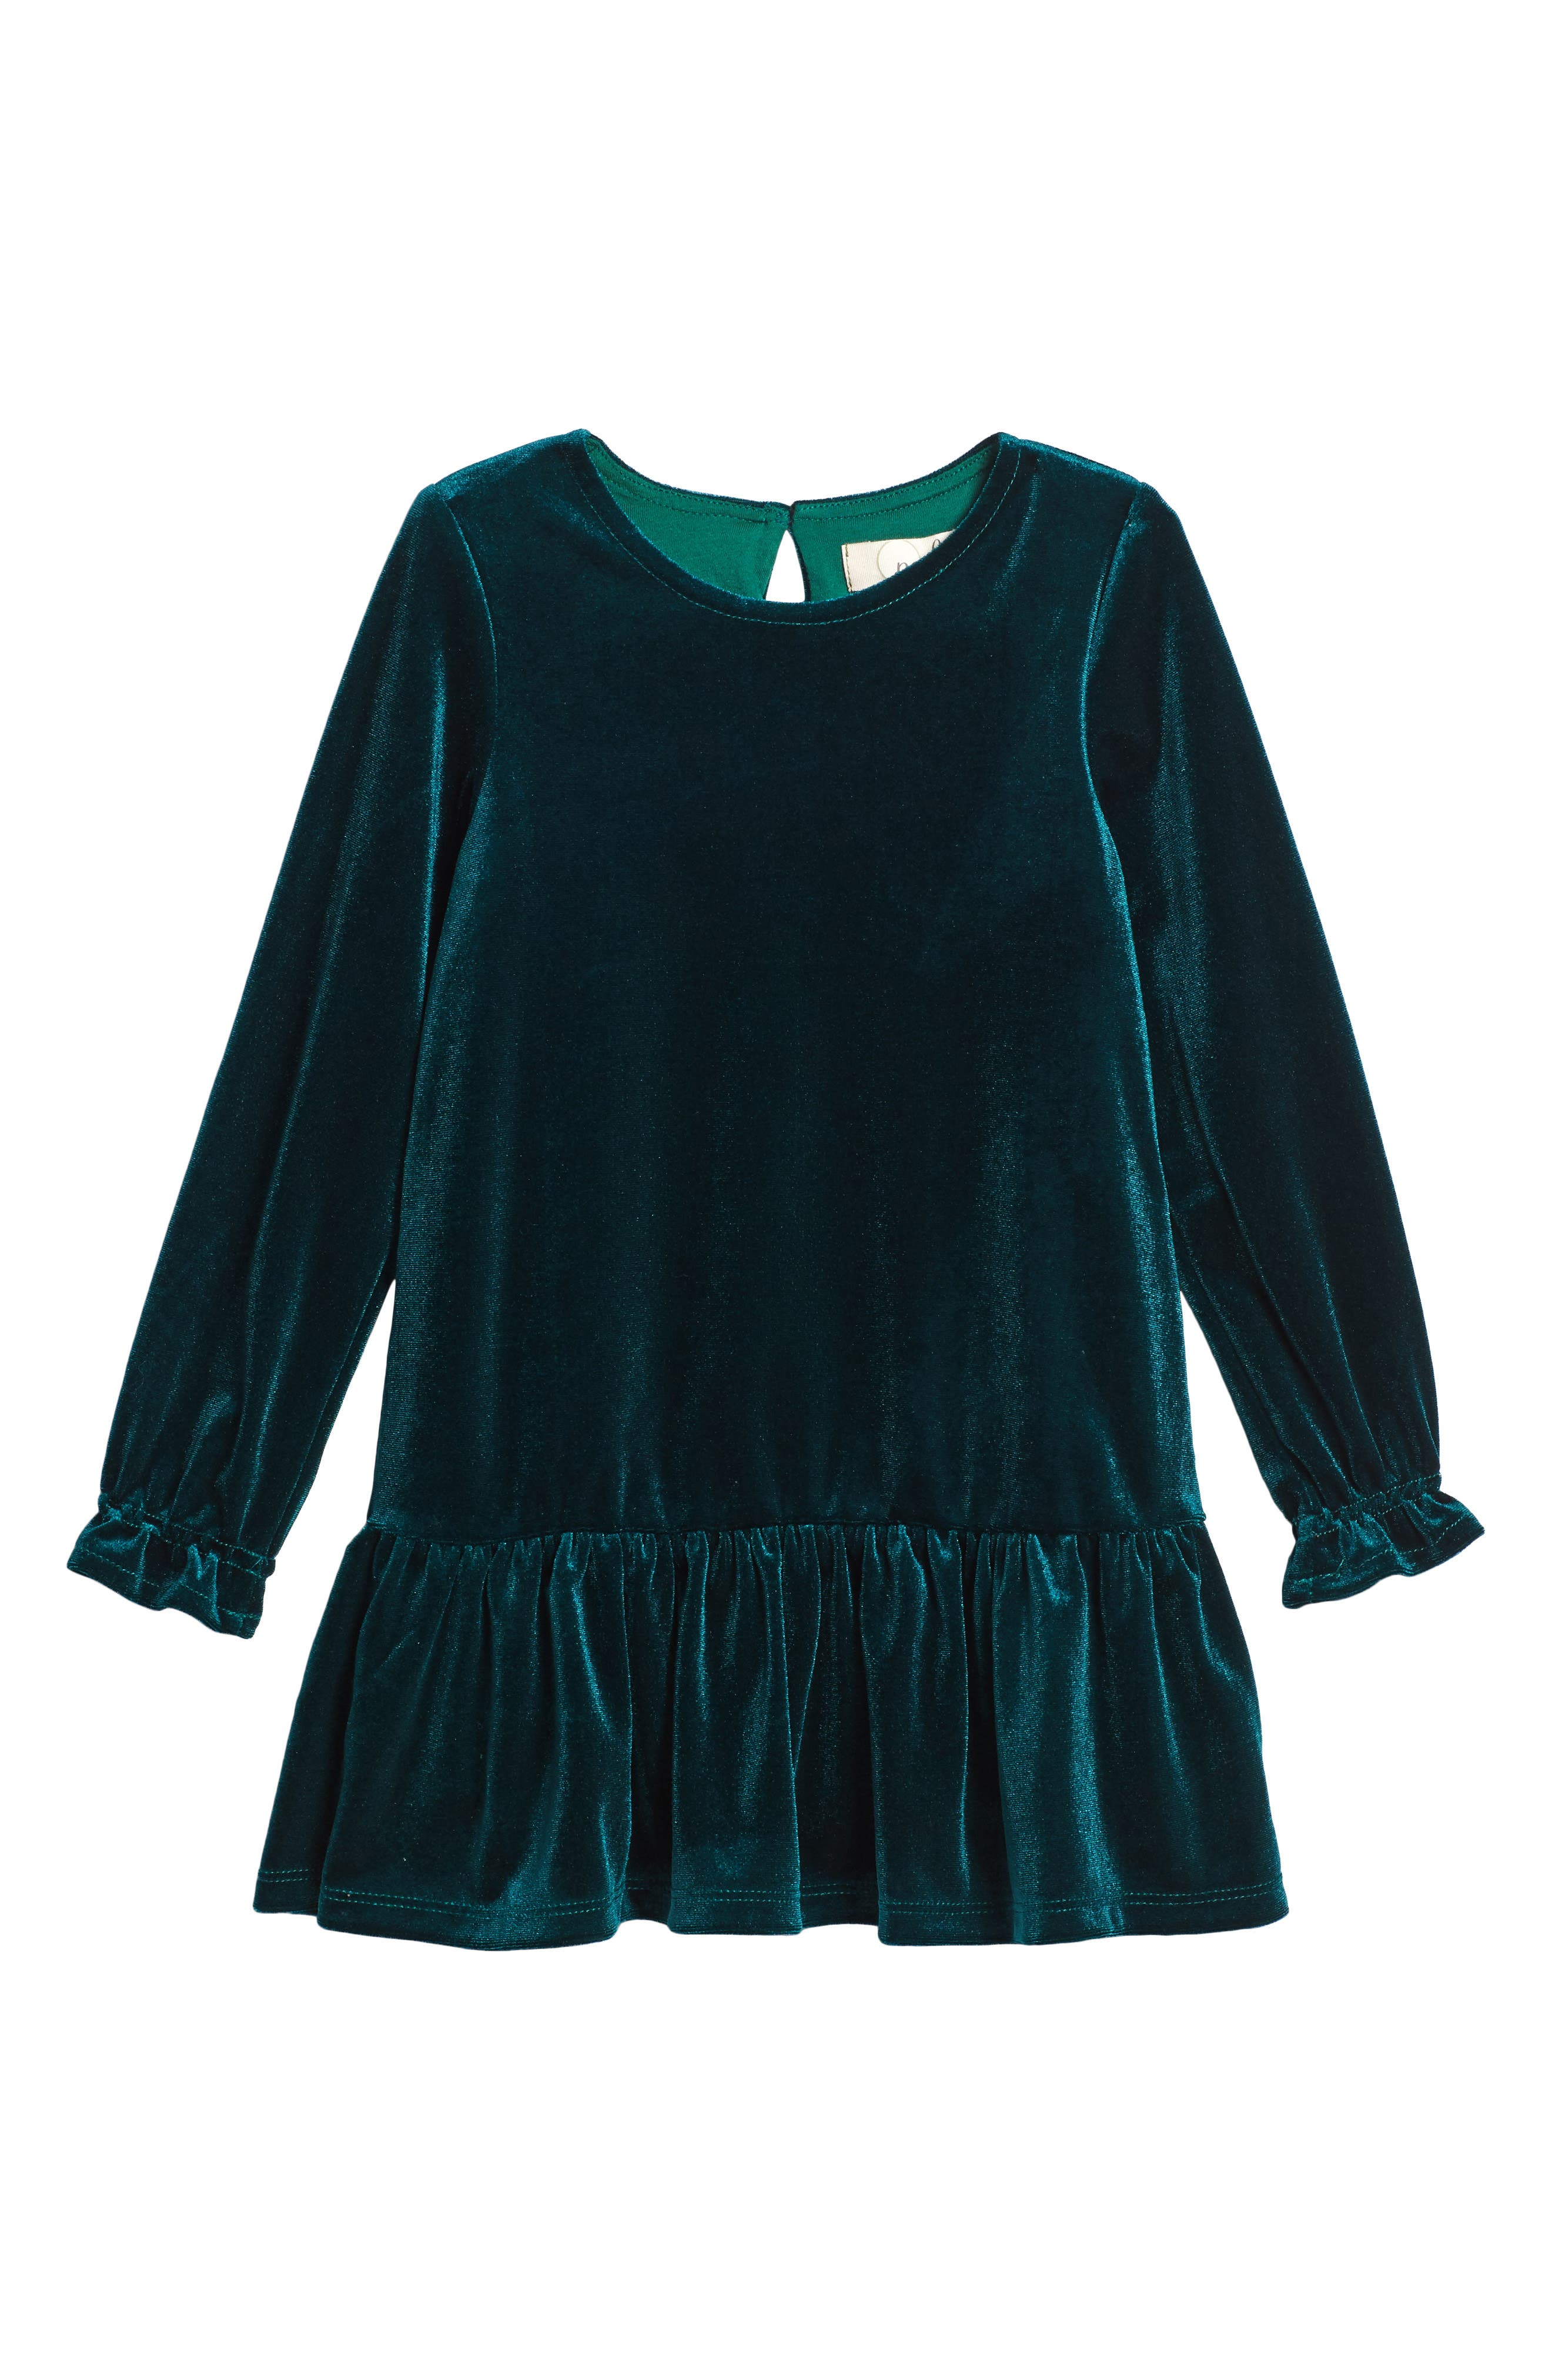 Main Image - Peek Angelina Velvet Dress (Toddler Girls, Little Girls & Big Girls)